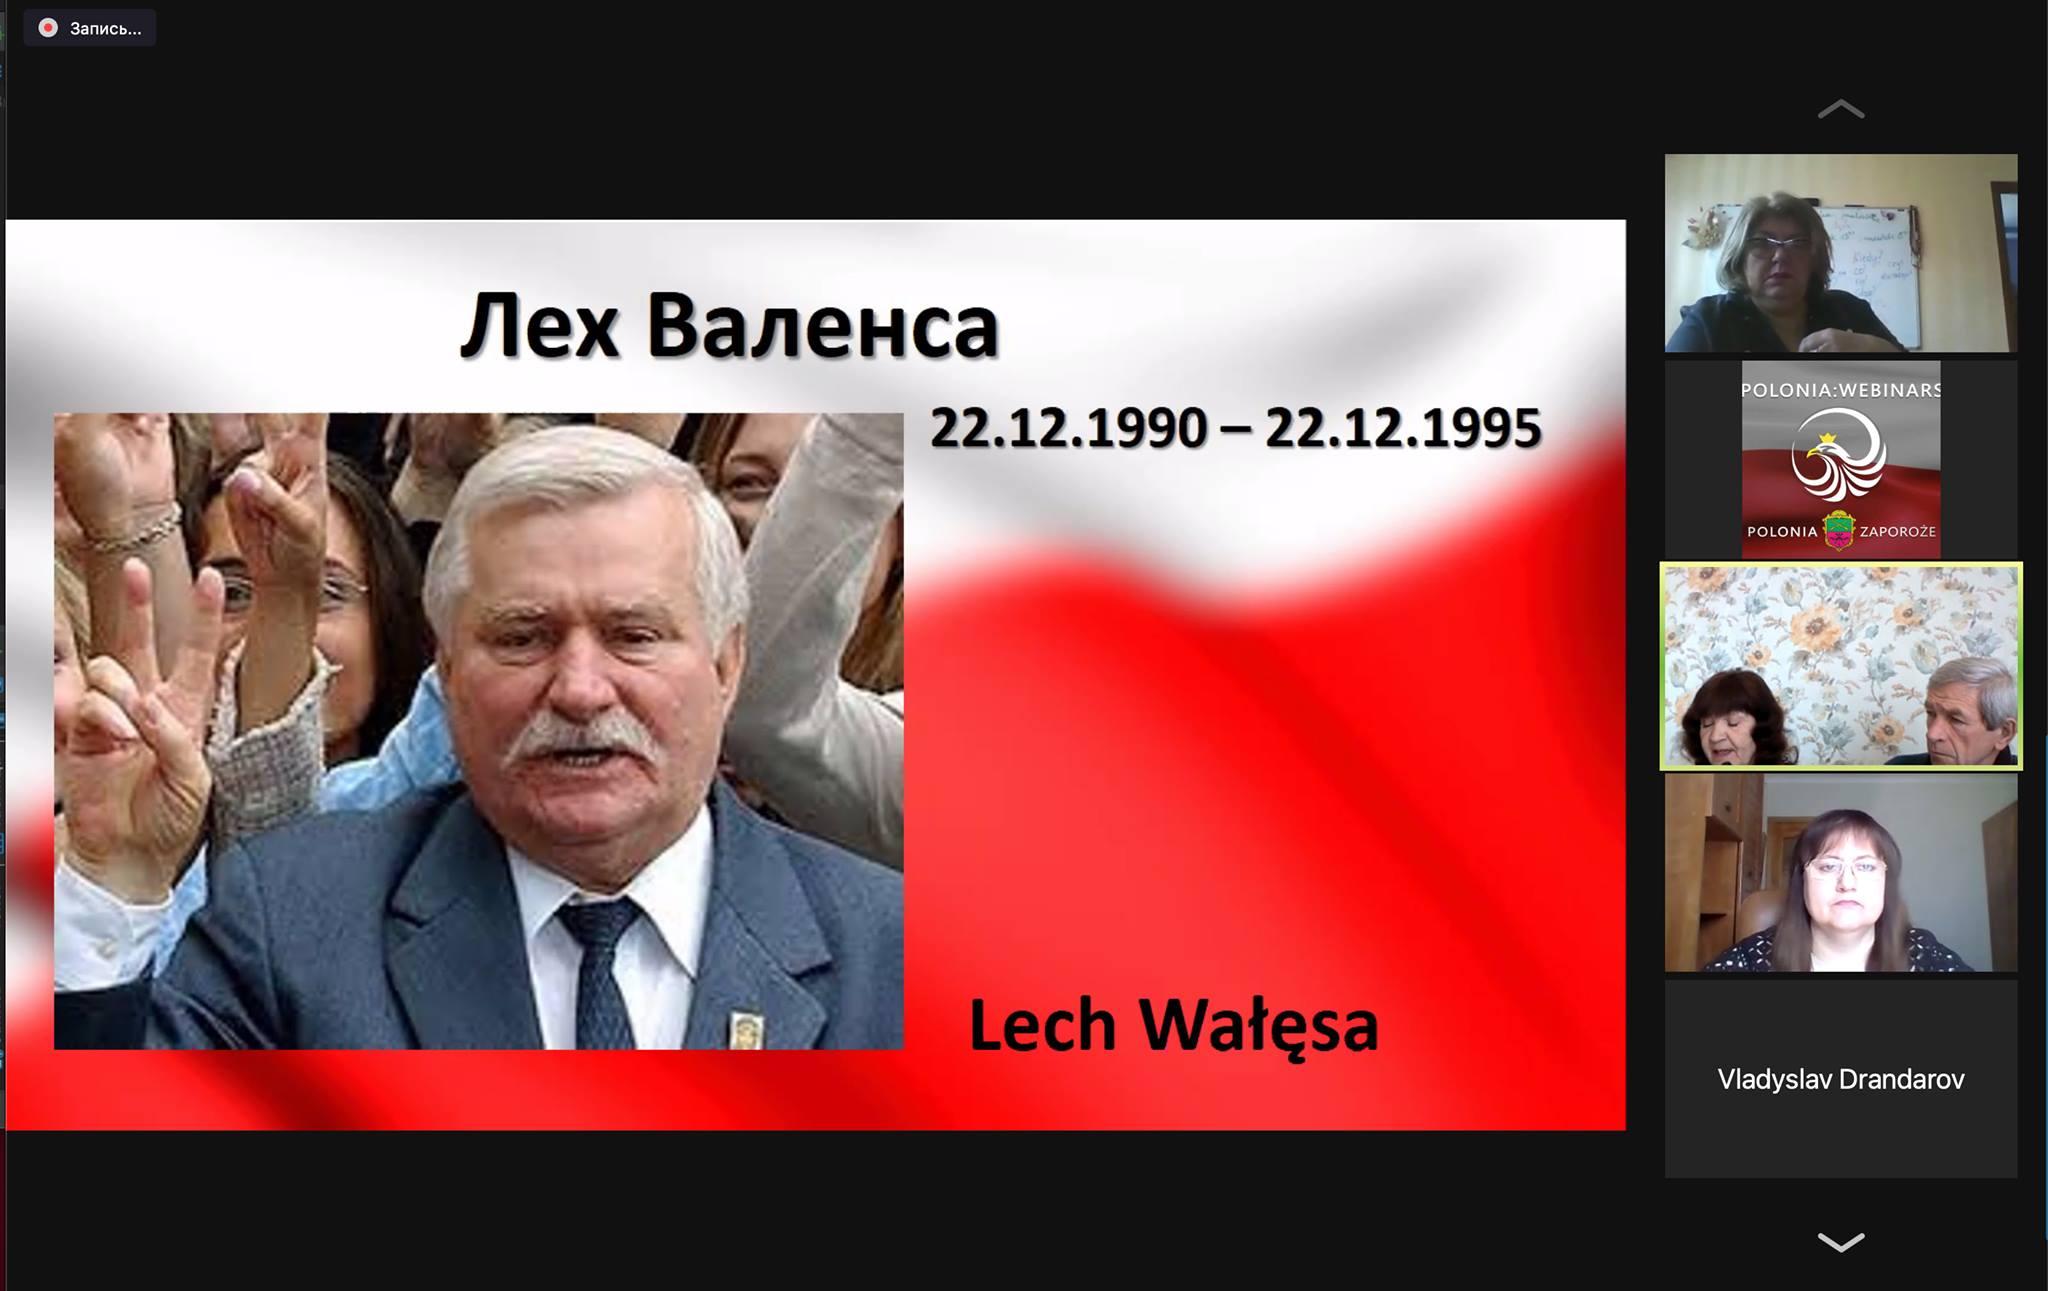 POLONIA: WEBINARS. Президенты Польши и становление её государственности